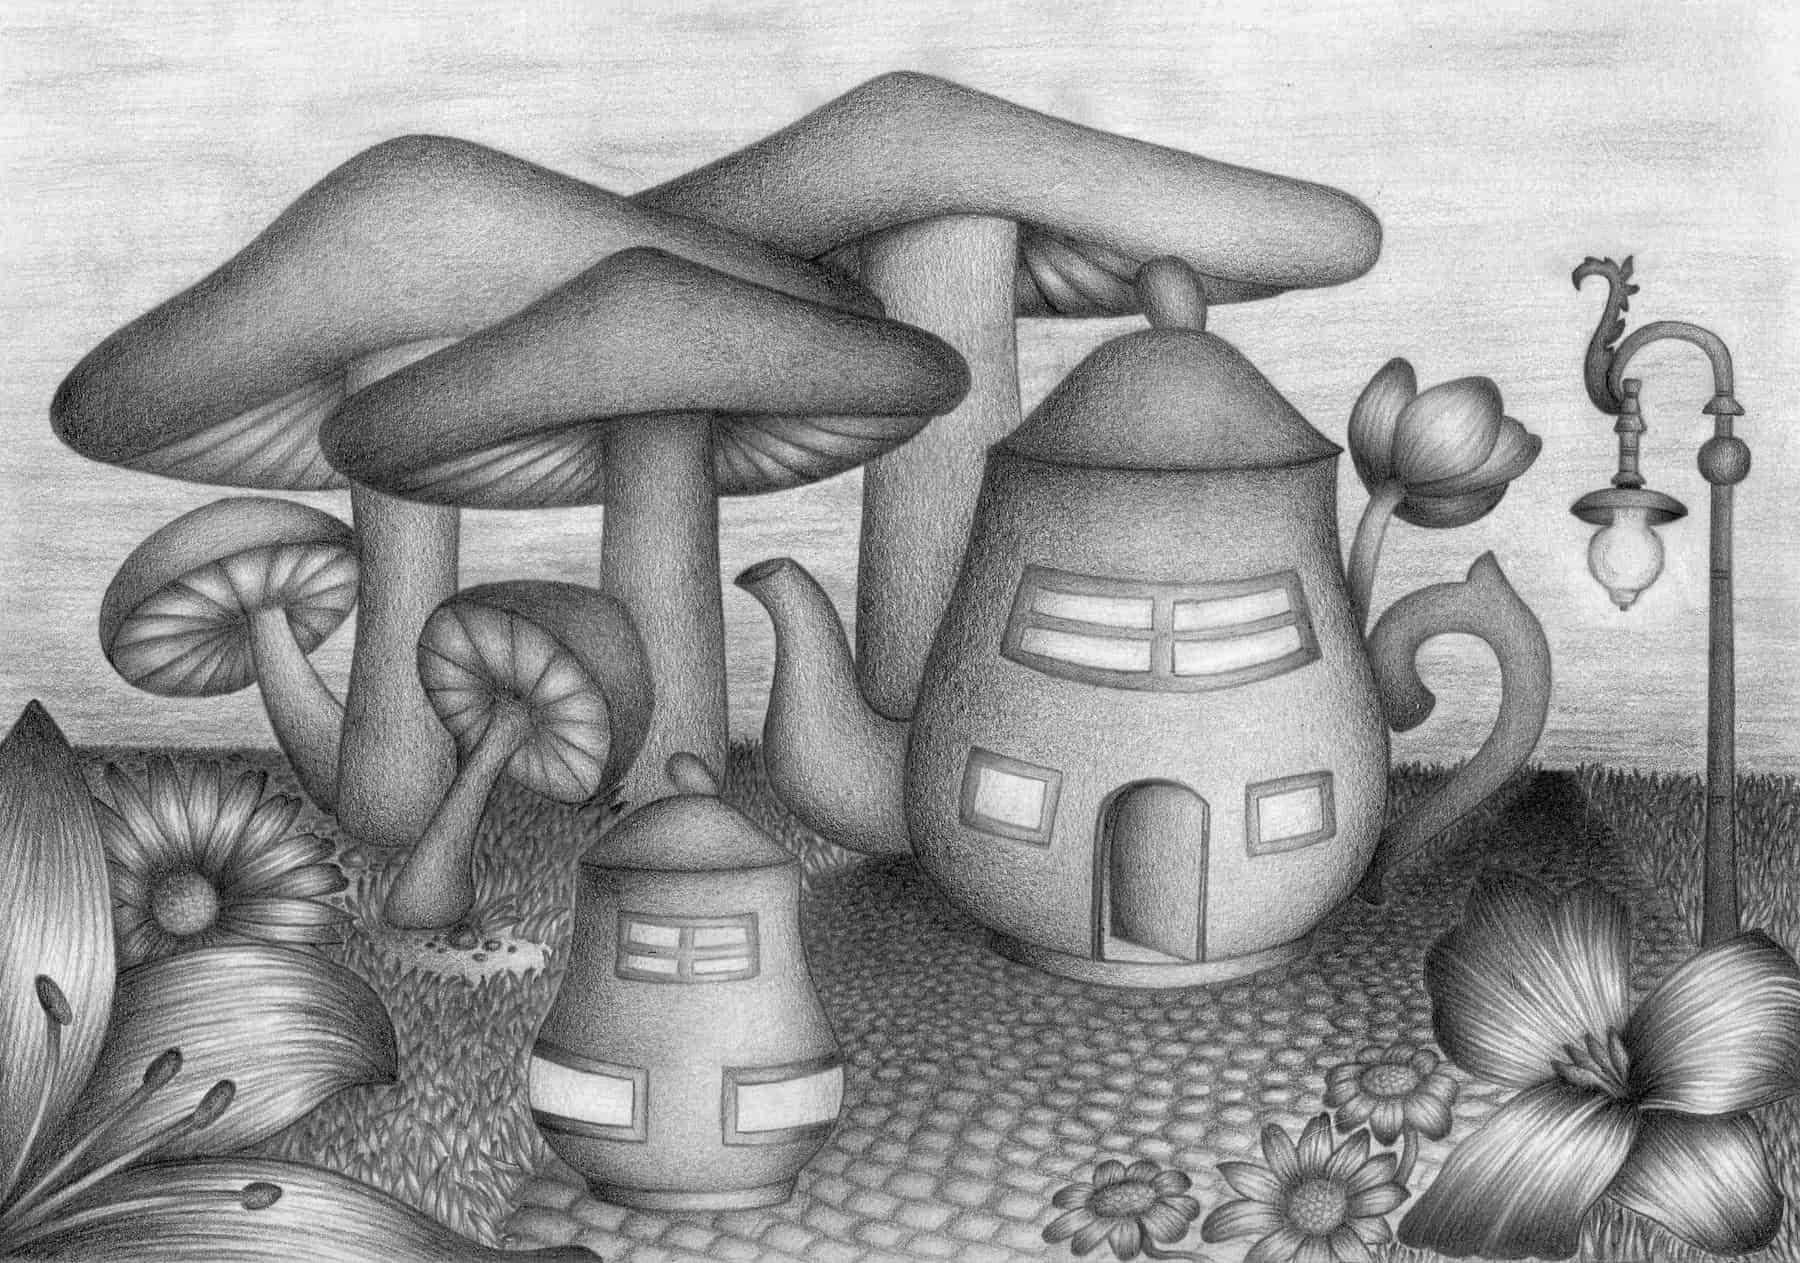 Wunderland - 21,0cm x 29,7cm - Bleistift auf Papier by Nadin Wunderlich